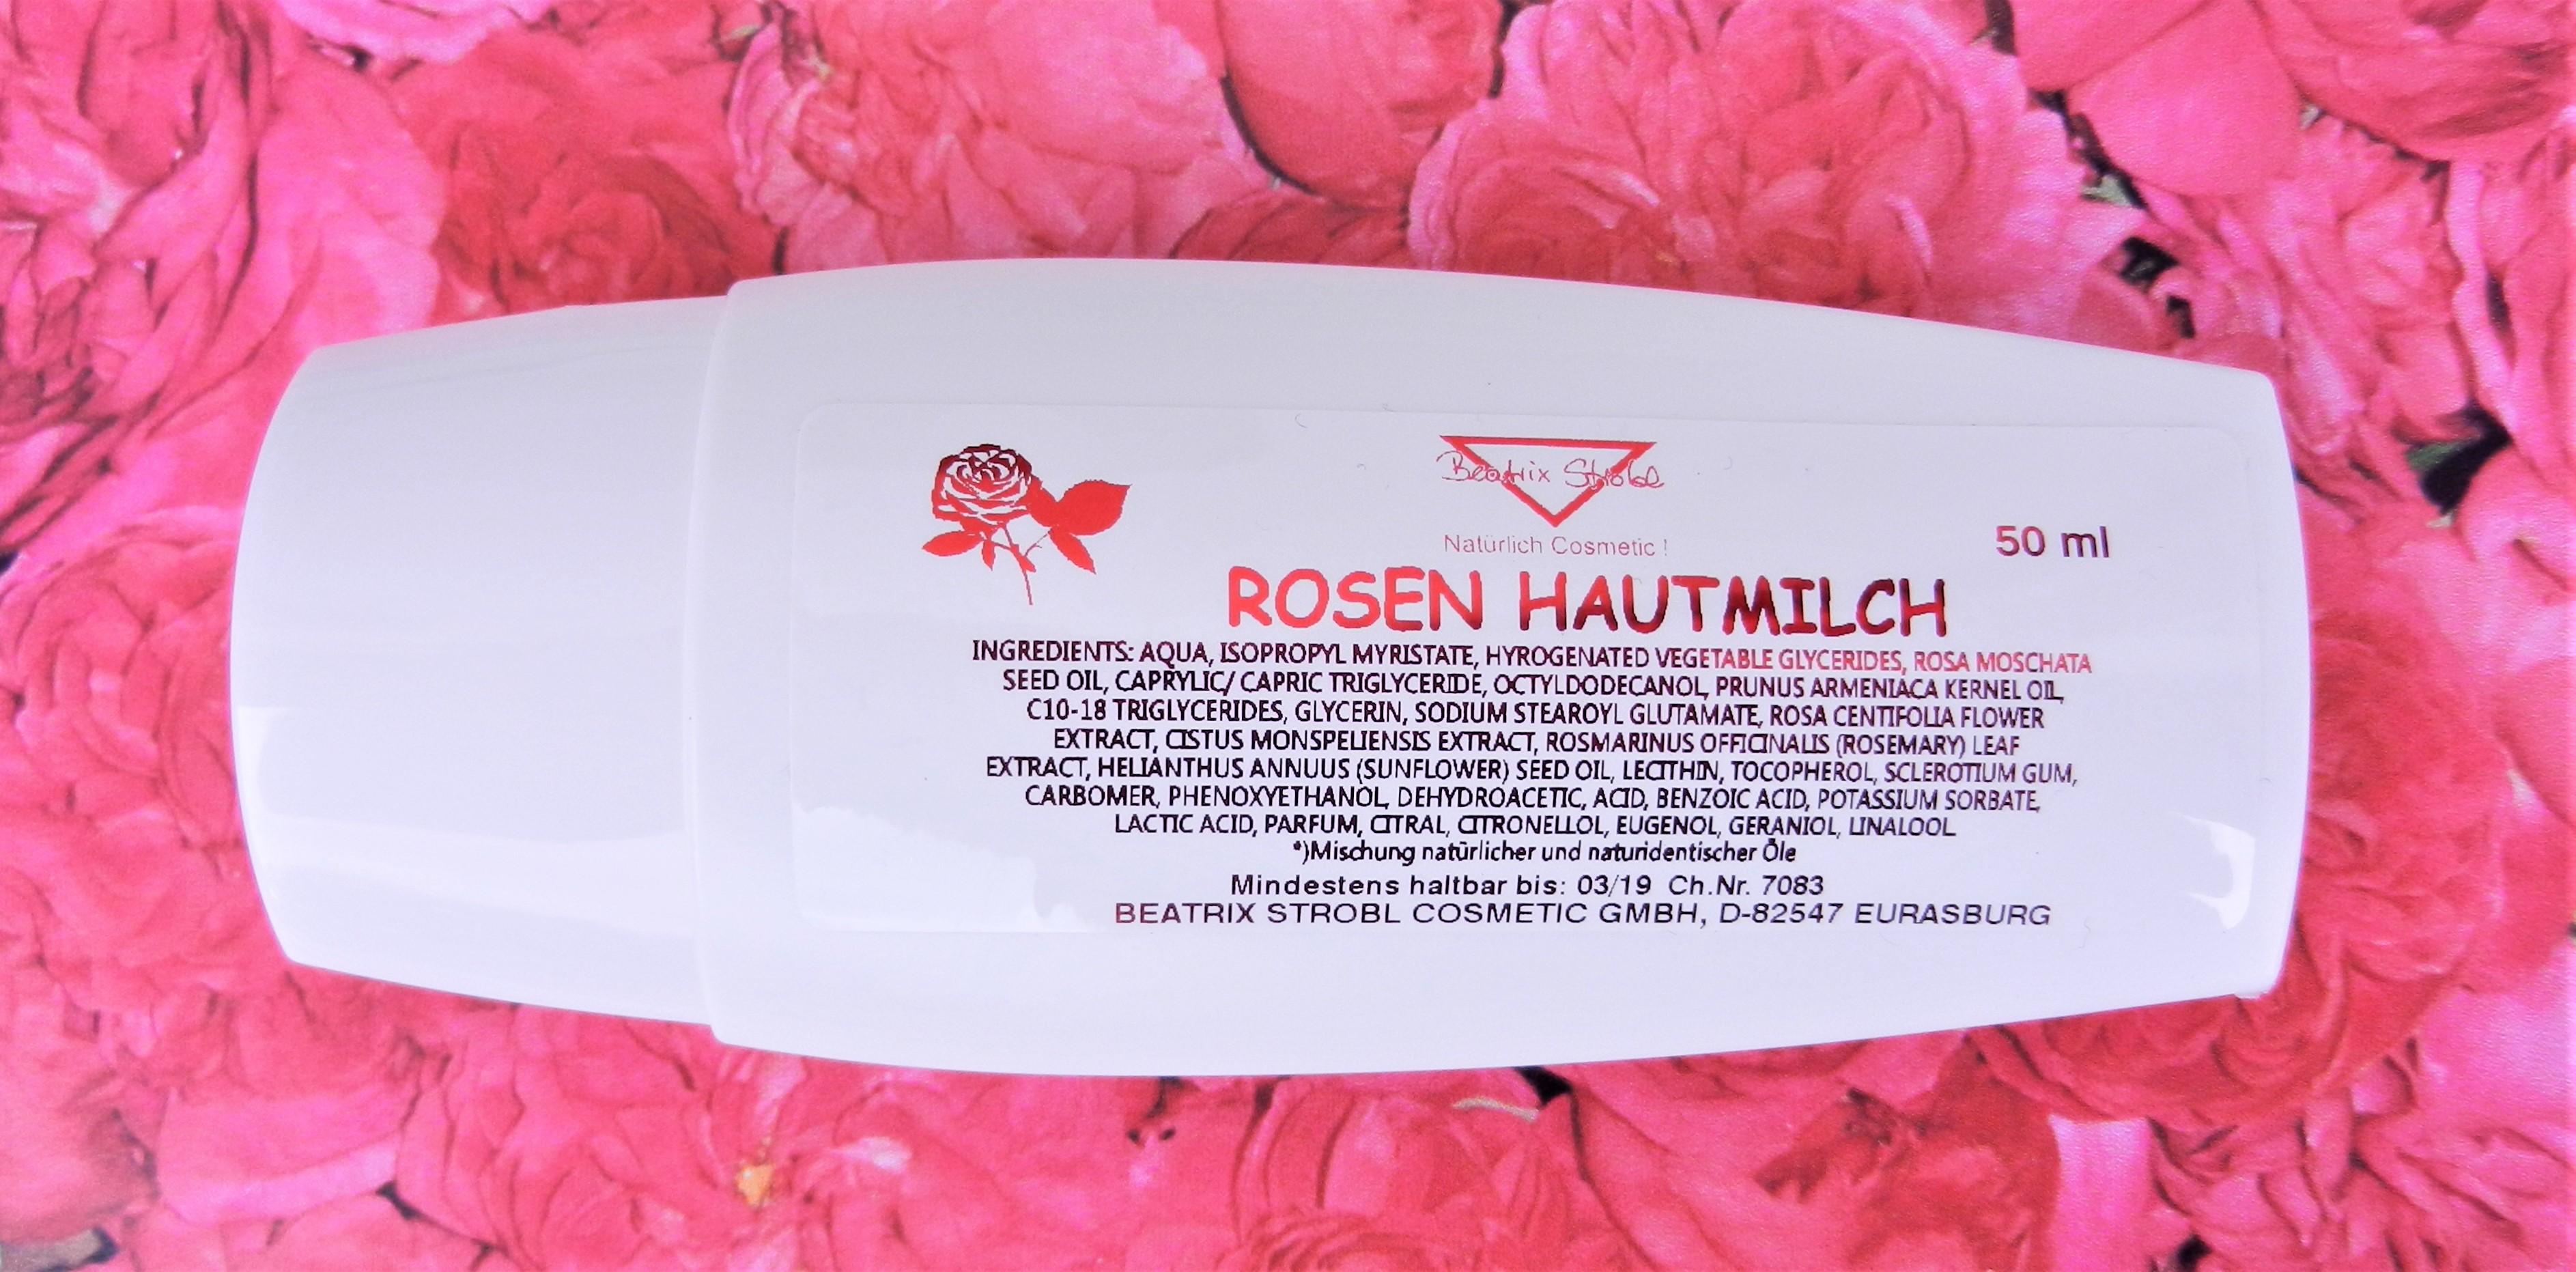 ROSEN HAUT MILCH